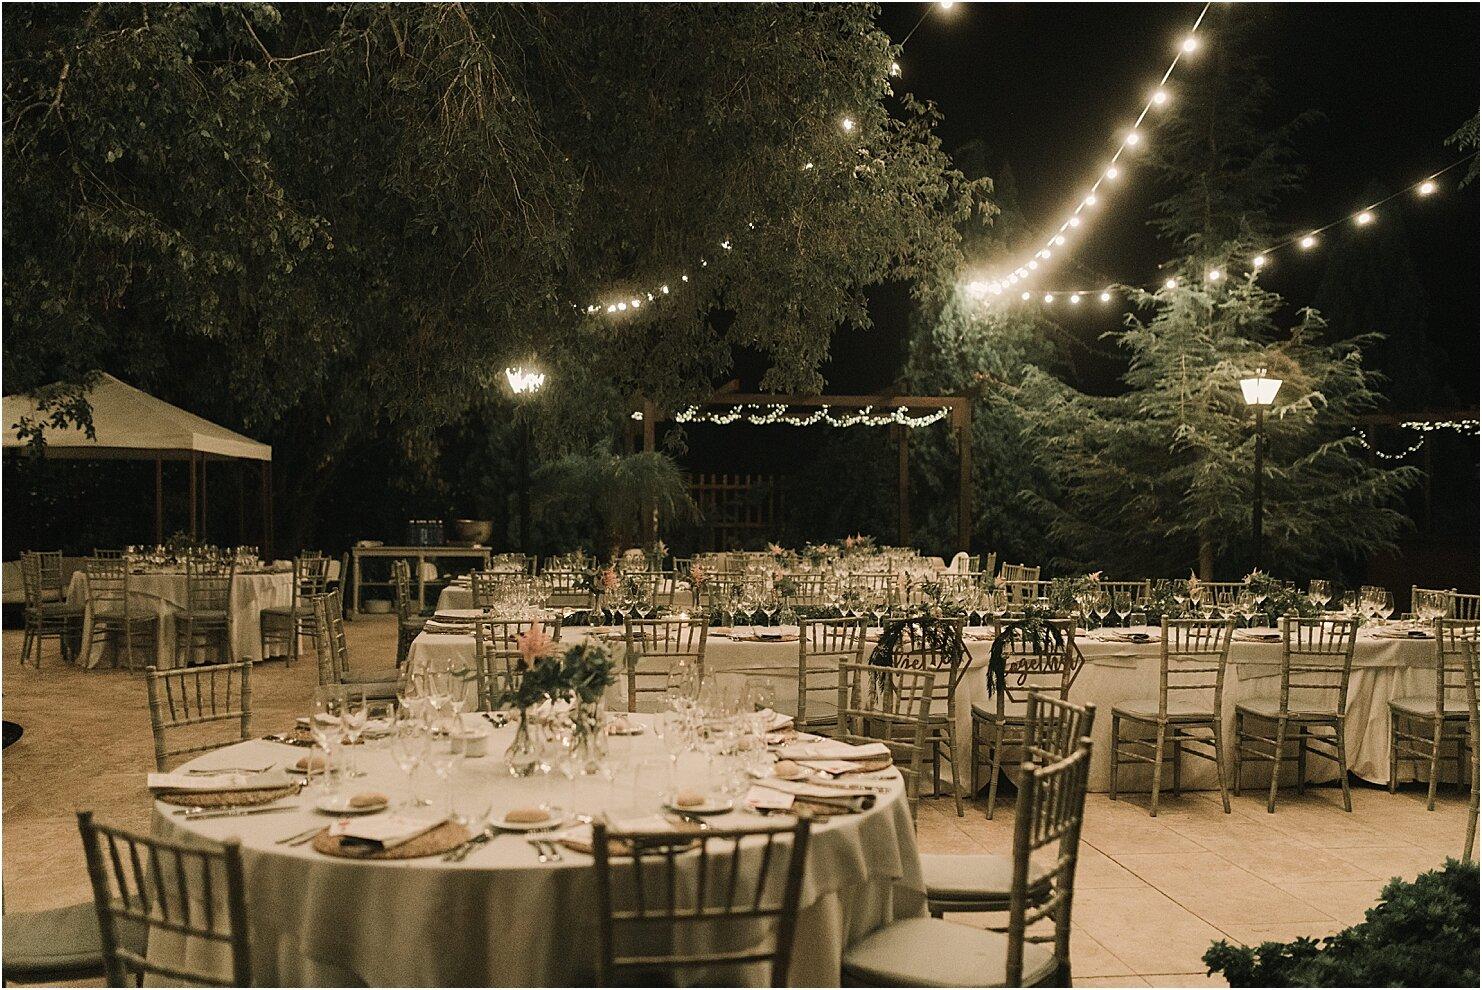 boda-romantica-boda-boho-vestido-de-novia-laura-lomas68.jpg